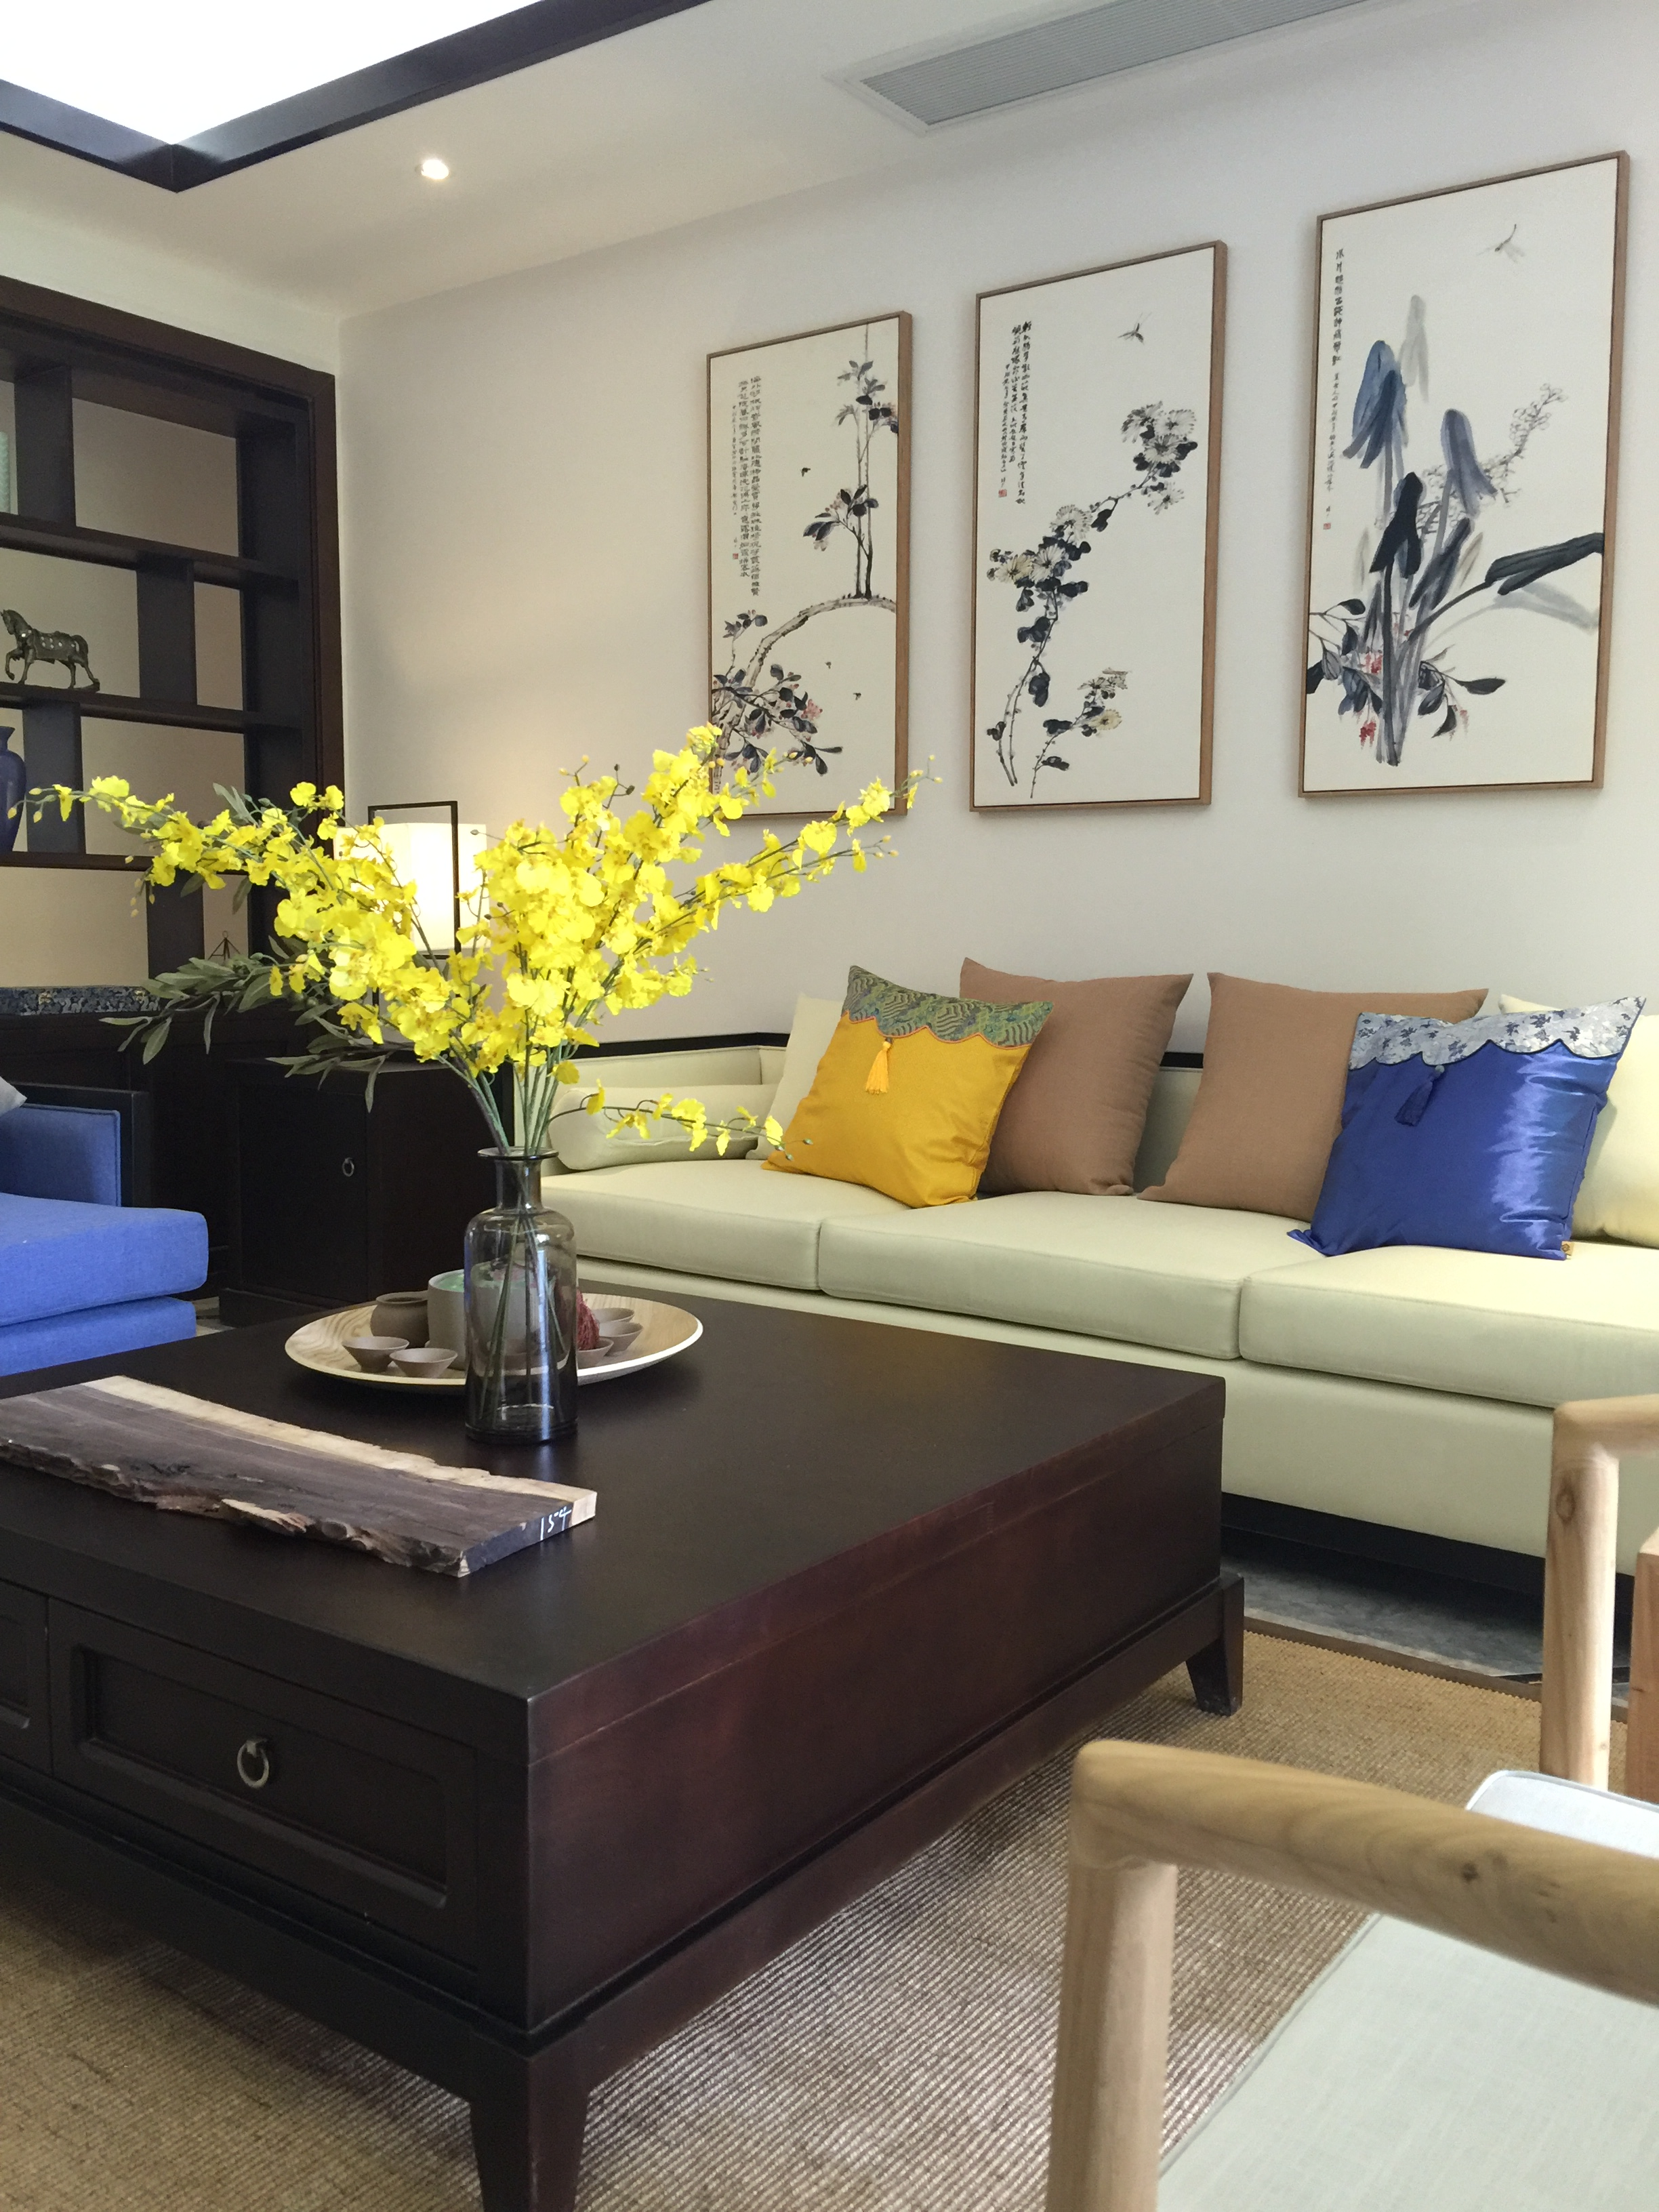 重庆唐卡装 唐卡装饰 新中式 样板间征集 1869685079 跃层 客厅图片来自黄丑丑99在岱山一品——新中式风格的分享